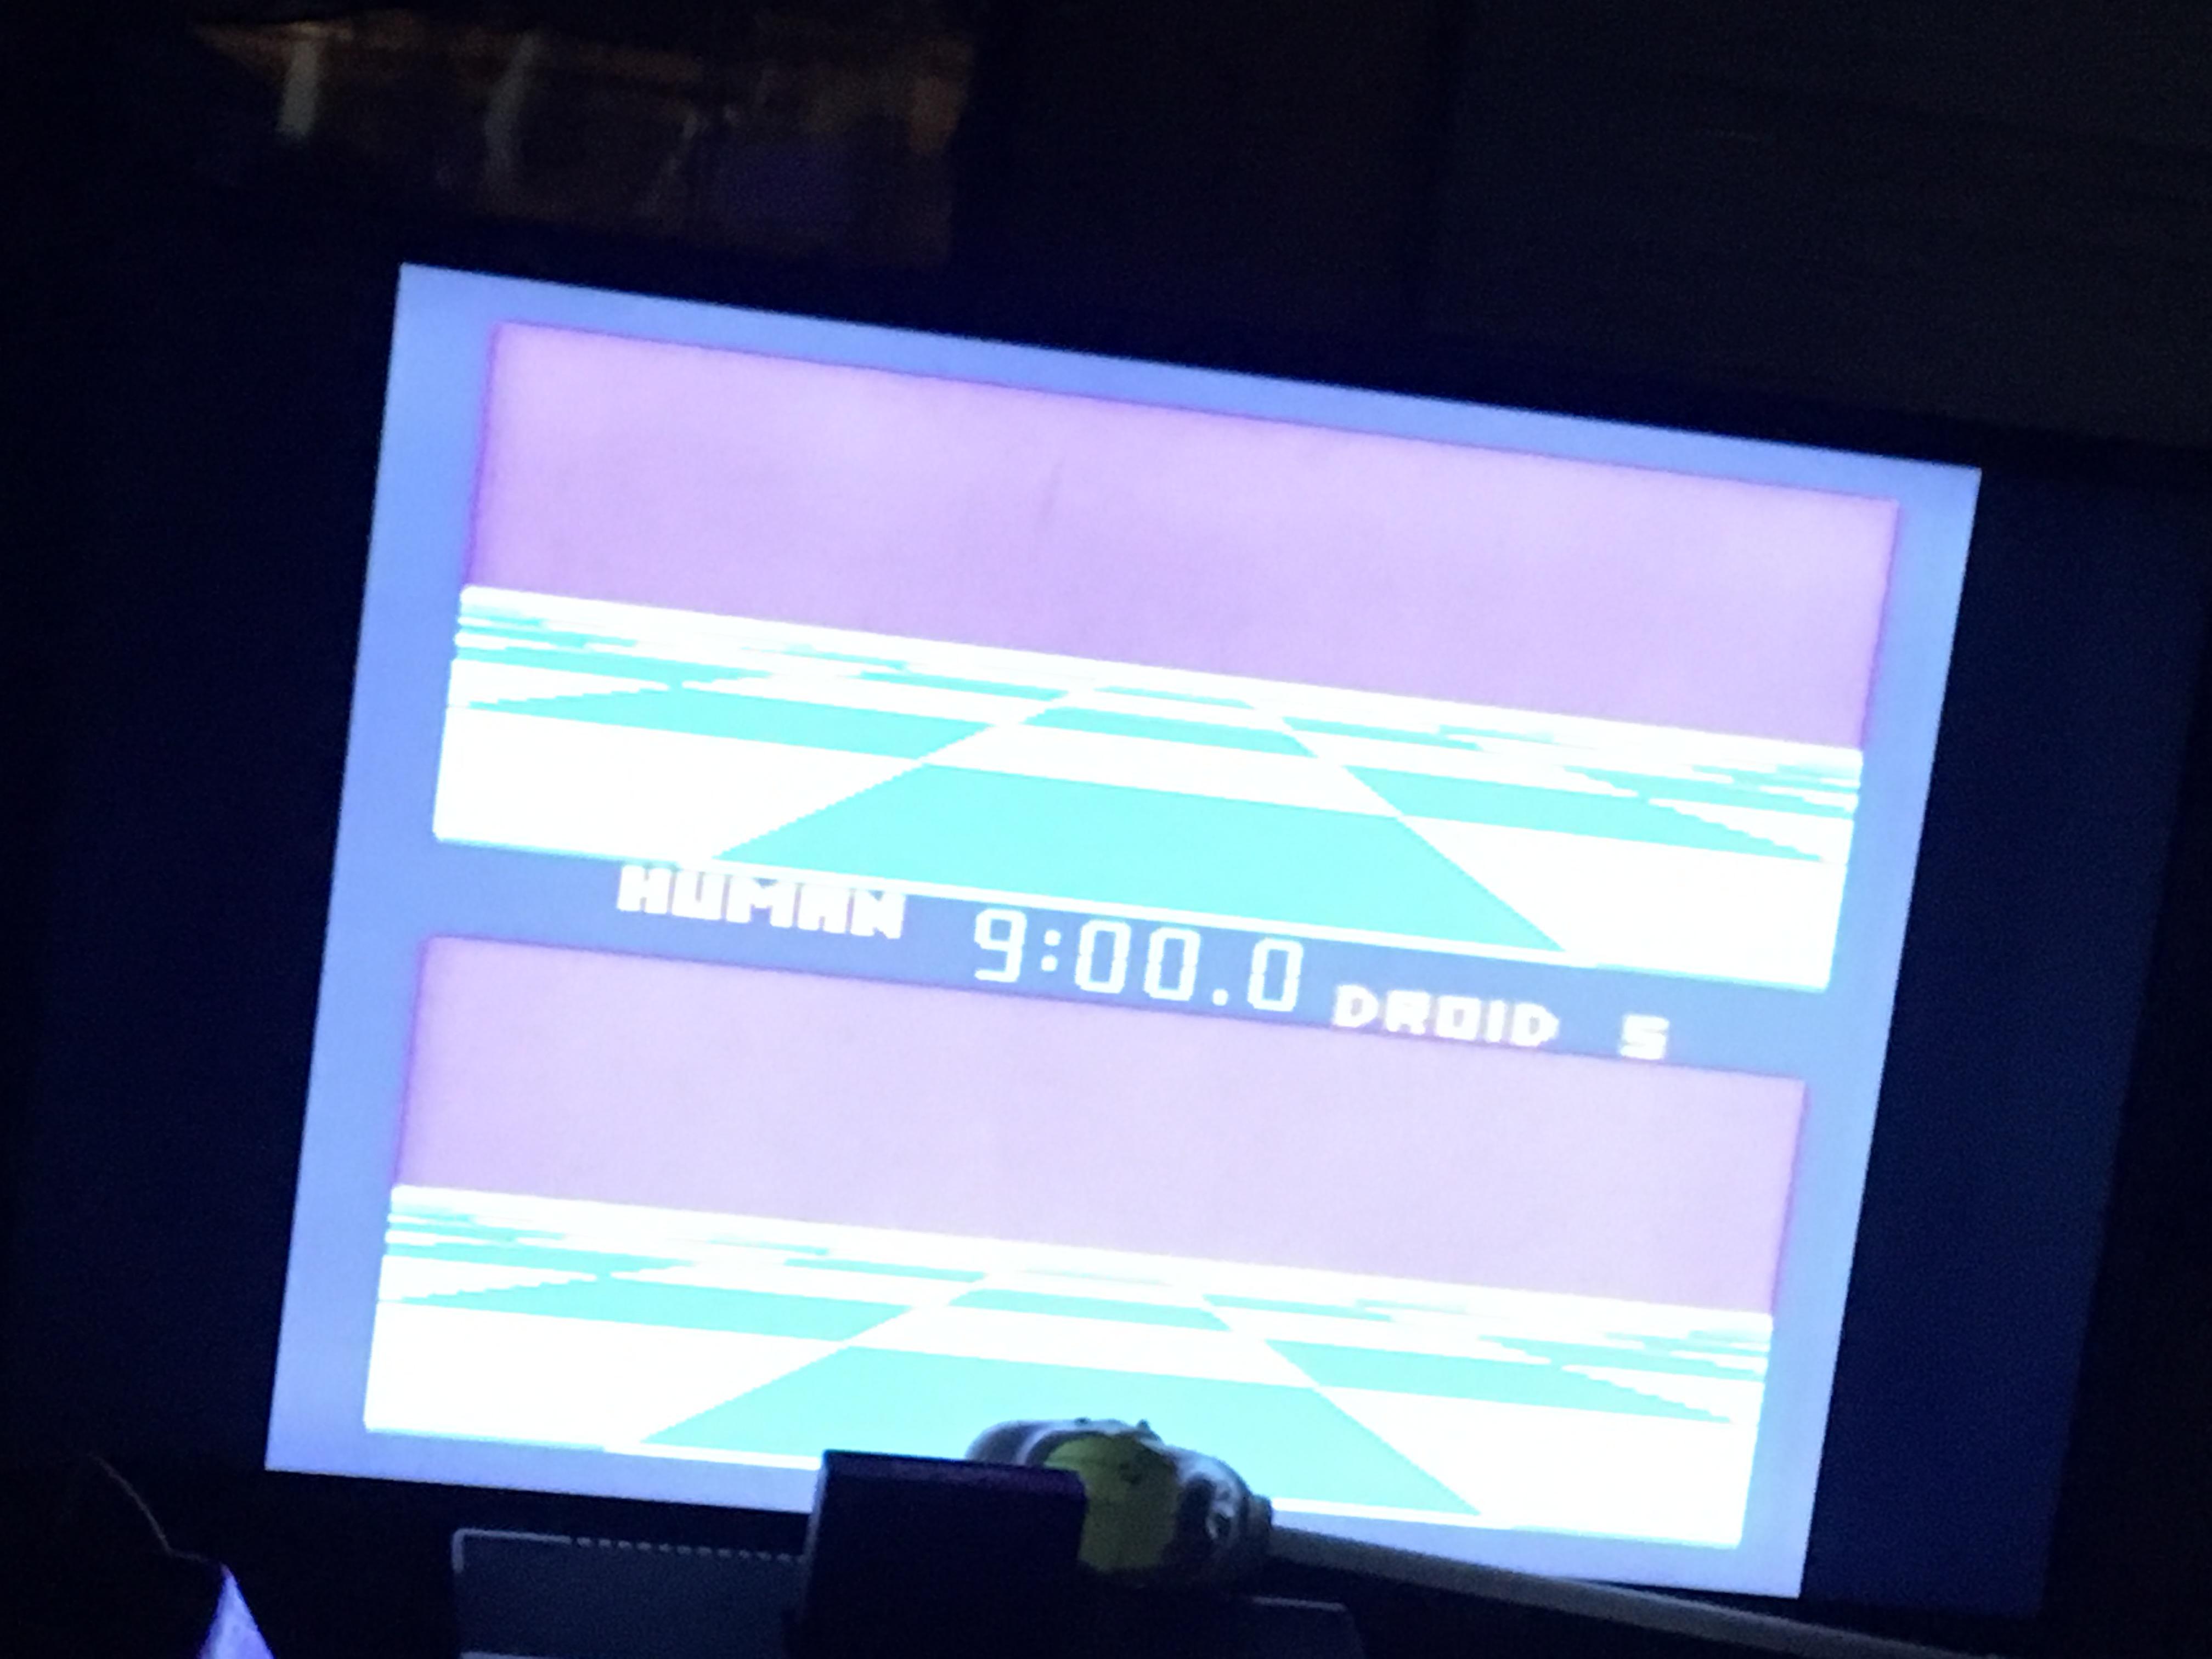 Ballblazer: Droid 5 / 9 minutes 10 points